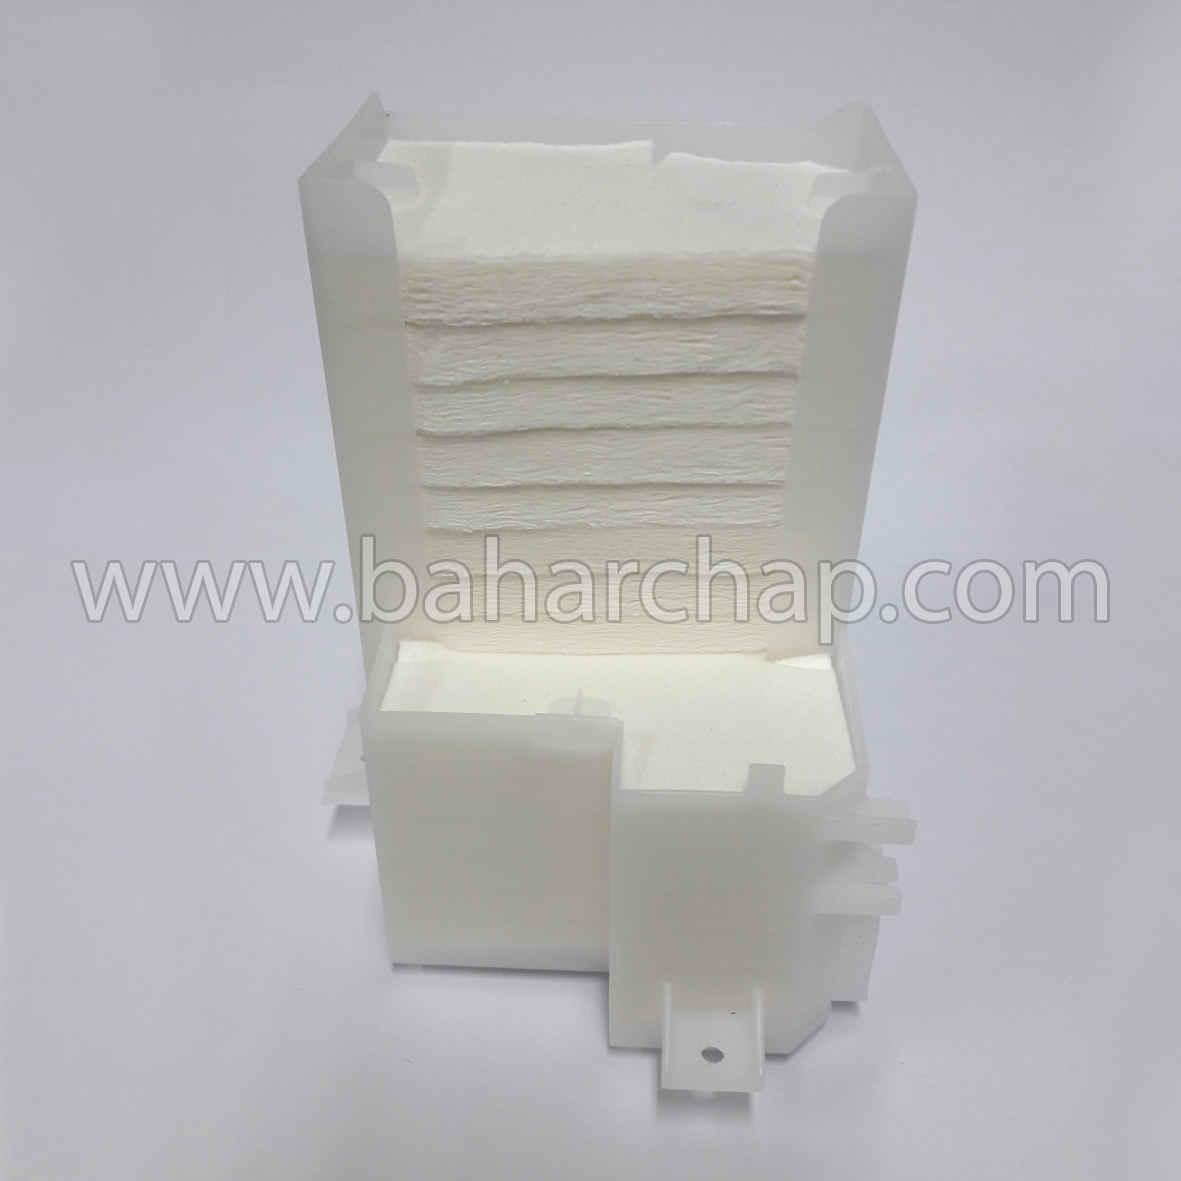 فروشگاه و خدمات اینترنتی بهارچاپ اصفهان-مخزن ضایعات جوهر اپسون مدلهای R295,T50,P50,T60,A50,L800,L801,L805-Waste Ink Tray